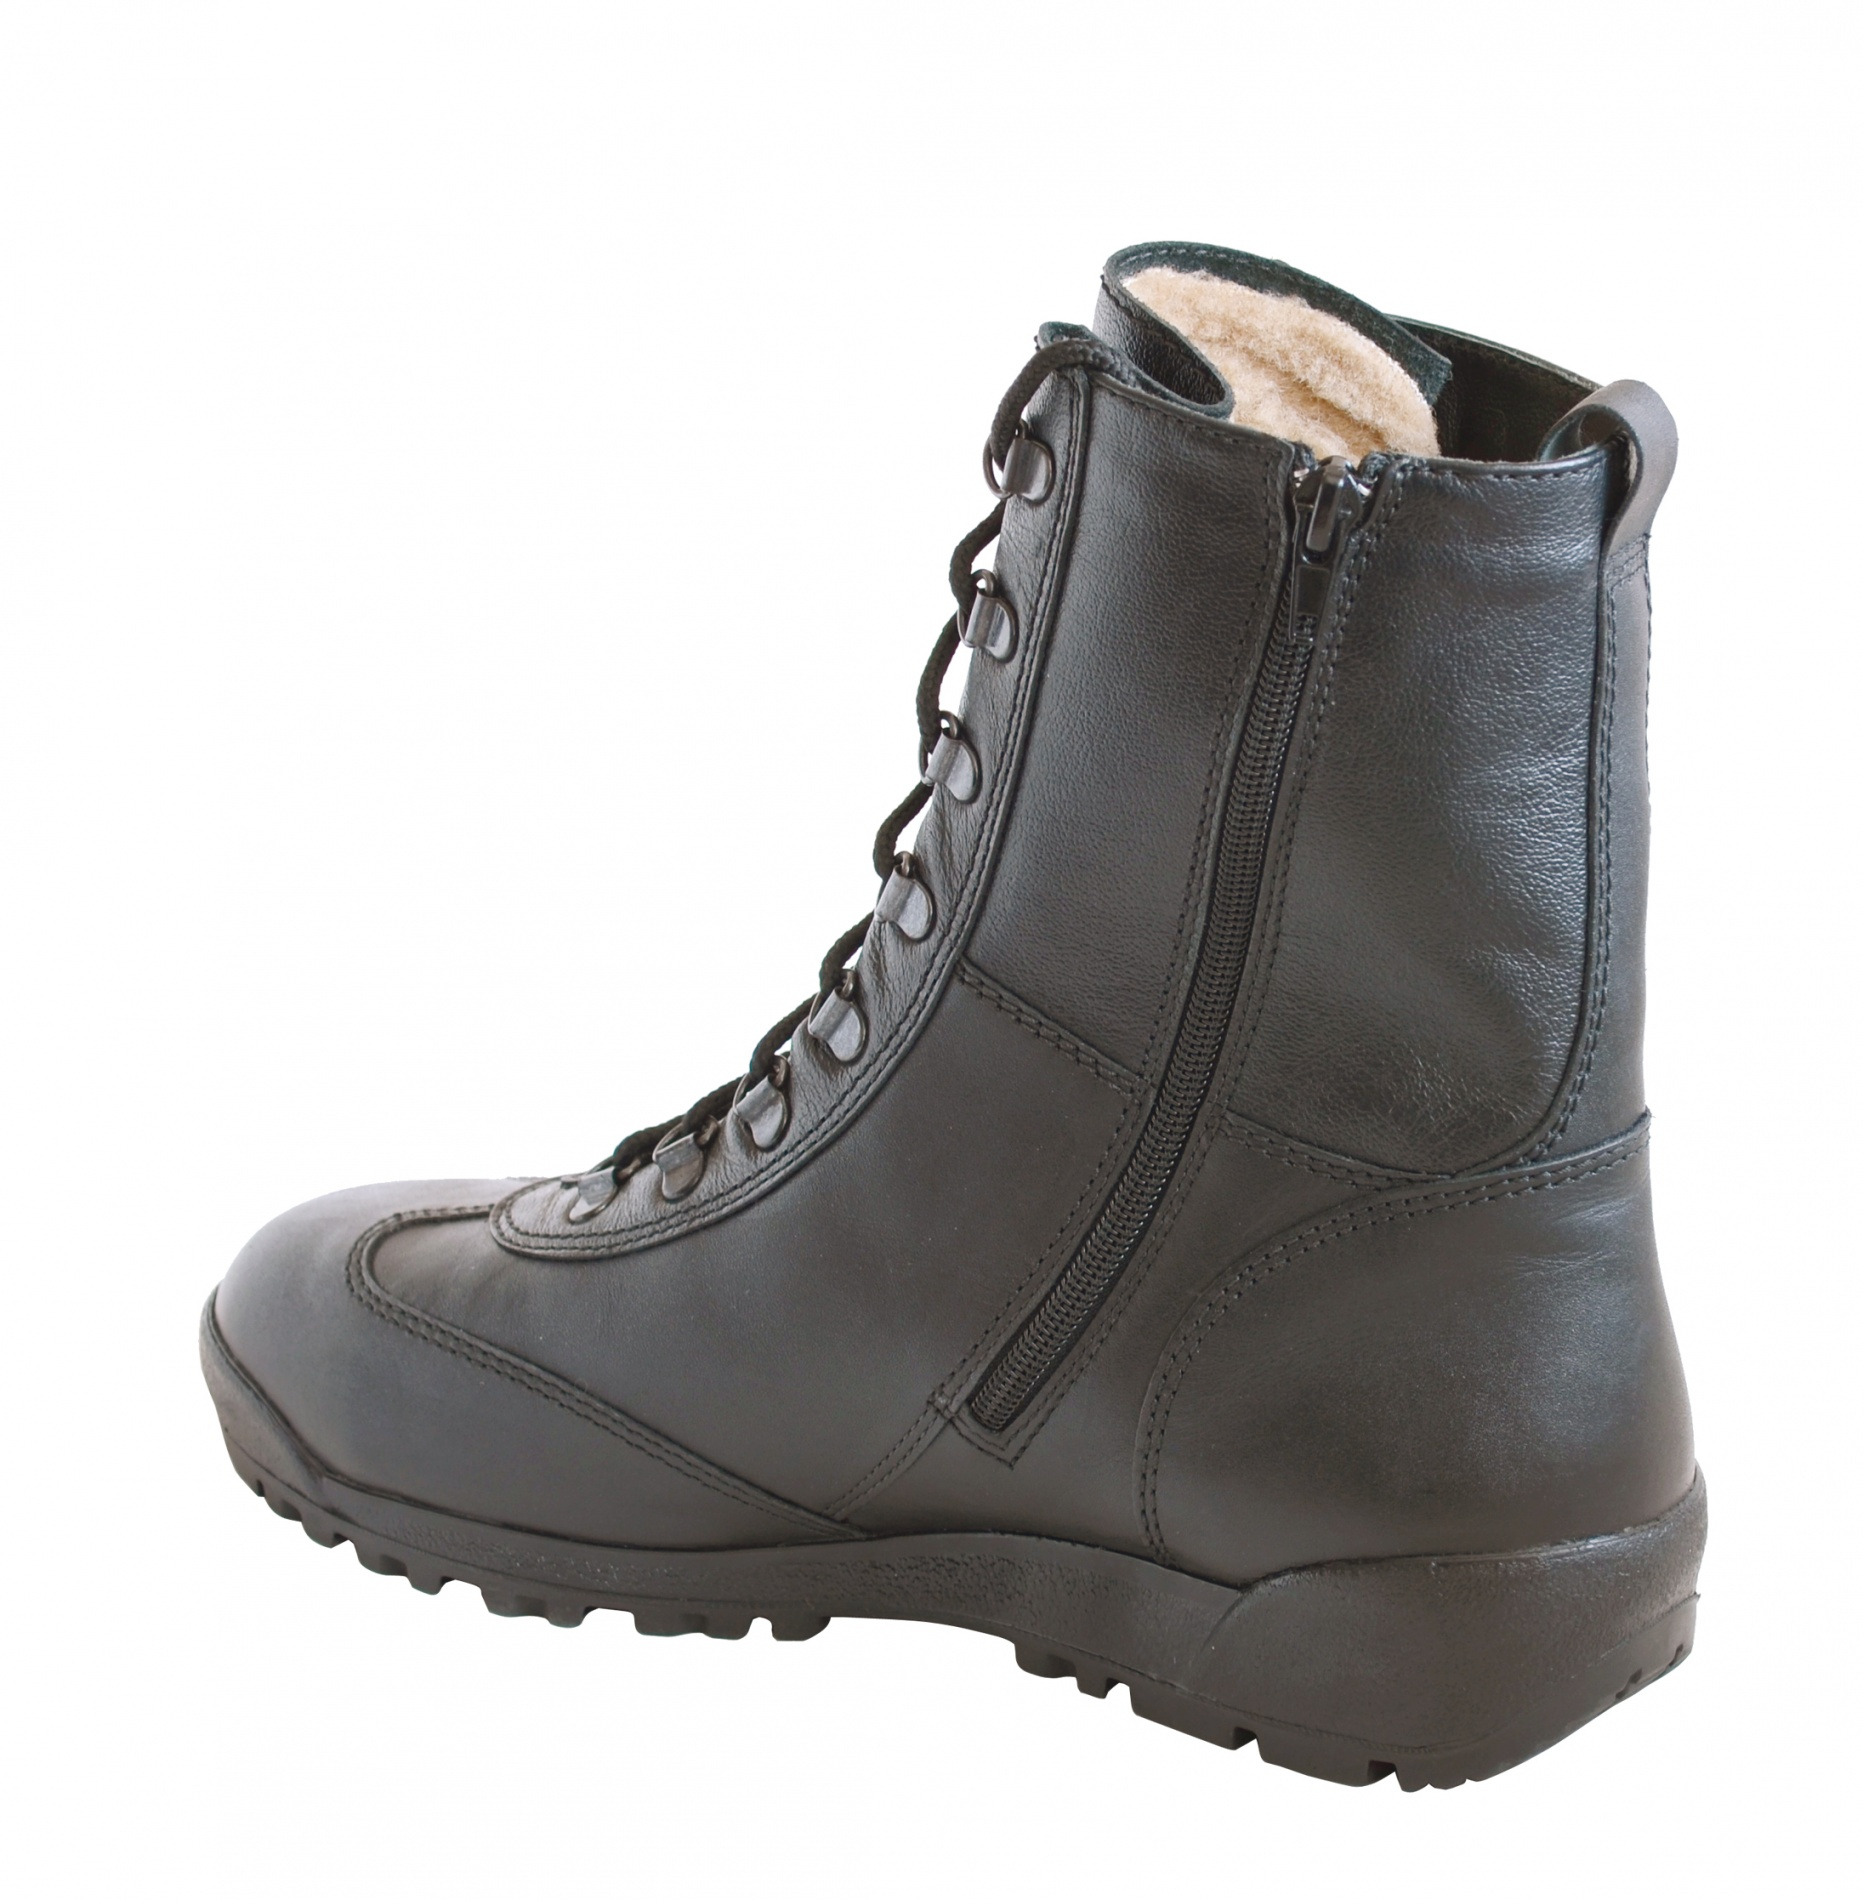 Ботинки штурмовые с высоким берцем Бутекс Берцы<br>Зимние ботинки на подошве из резины клеевого <br>метода крепления. Высота ботинка 21 см. Ботинки <br>изготовлены из гладкой натуральной хромовой <br>гидрофобной кожи толщиной 1,6 мм. В качестве <br>утеплителя используется набивной шерстяной <br>мех с содержанием (70%)шерсти мериноса. С <br>тыльной стороны берца находится застёжка <br>молния, закрытая изнутри кожаным клапаном. <br>Молния позволяет снимать и одевать обувь <br>без помощи шнуровки. Д - образная фурнитура <br>для шнуровки позволяет быстро снять и надеть <br>ботинок, не вынимая шнурка из петель. Глухой <br>клапан препятствует попаданию внутрь ботинка <br>посторонних предметов и снега. Данная модель <br>пользуется успехом у сотрудников силовых <br>структур и у людей, увлекающихся активными <br>видами отдыха на природе.<br><br>Пол: мужской<br>Размер: 40<br>Сезон: зима<br>Цвет: черный